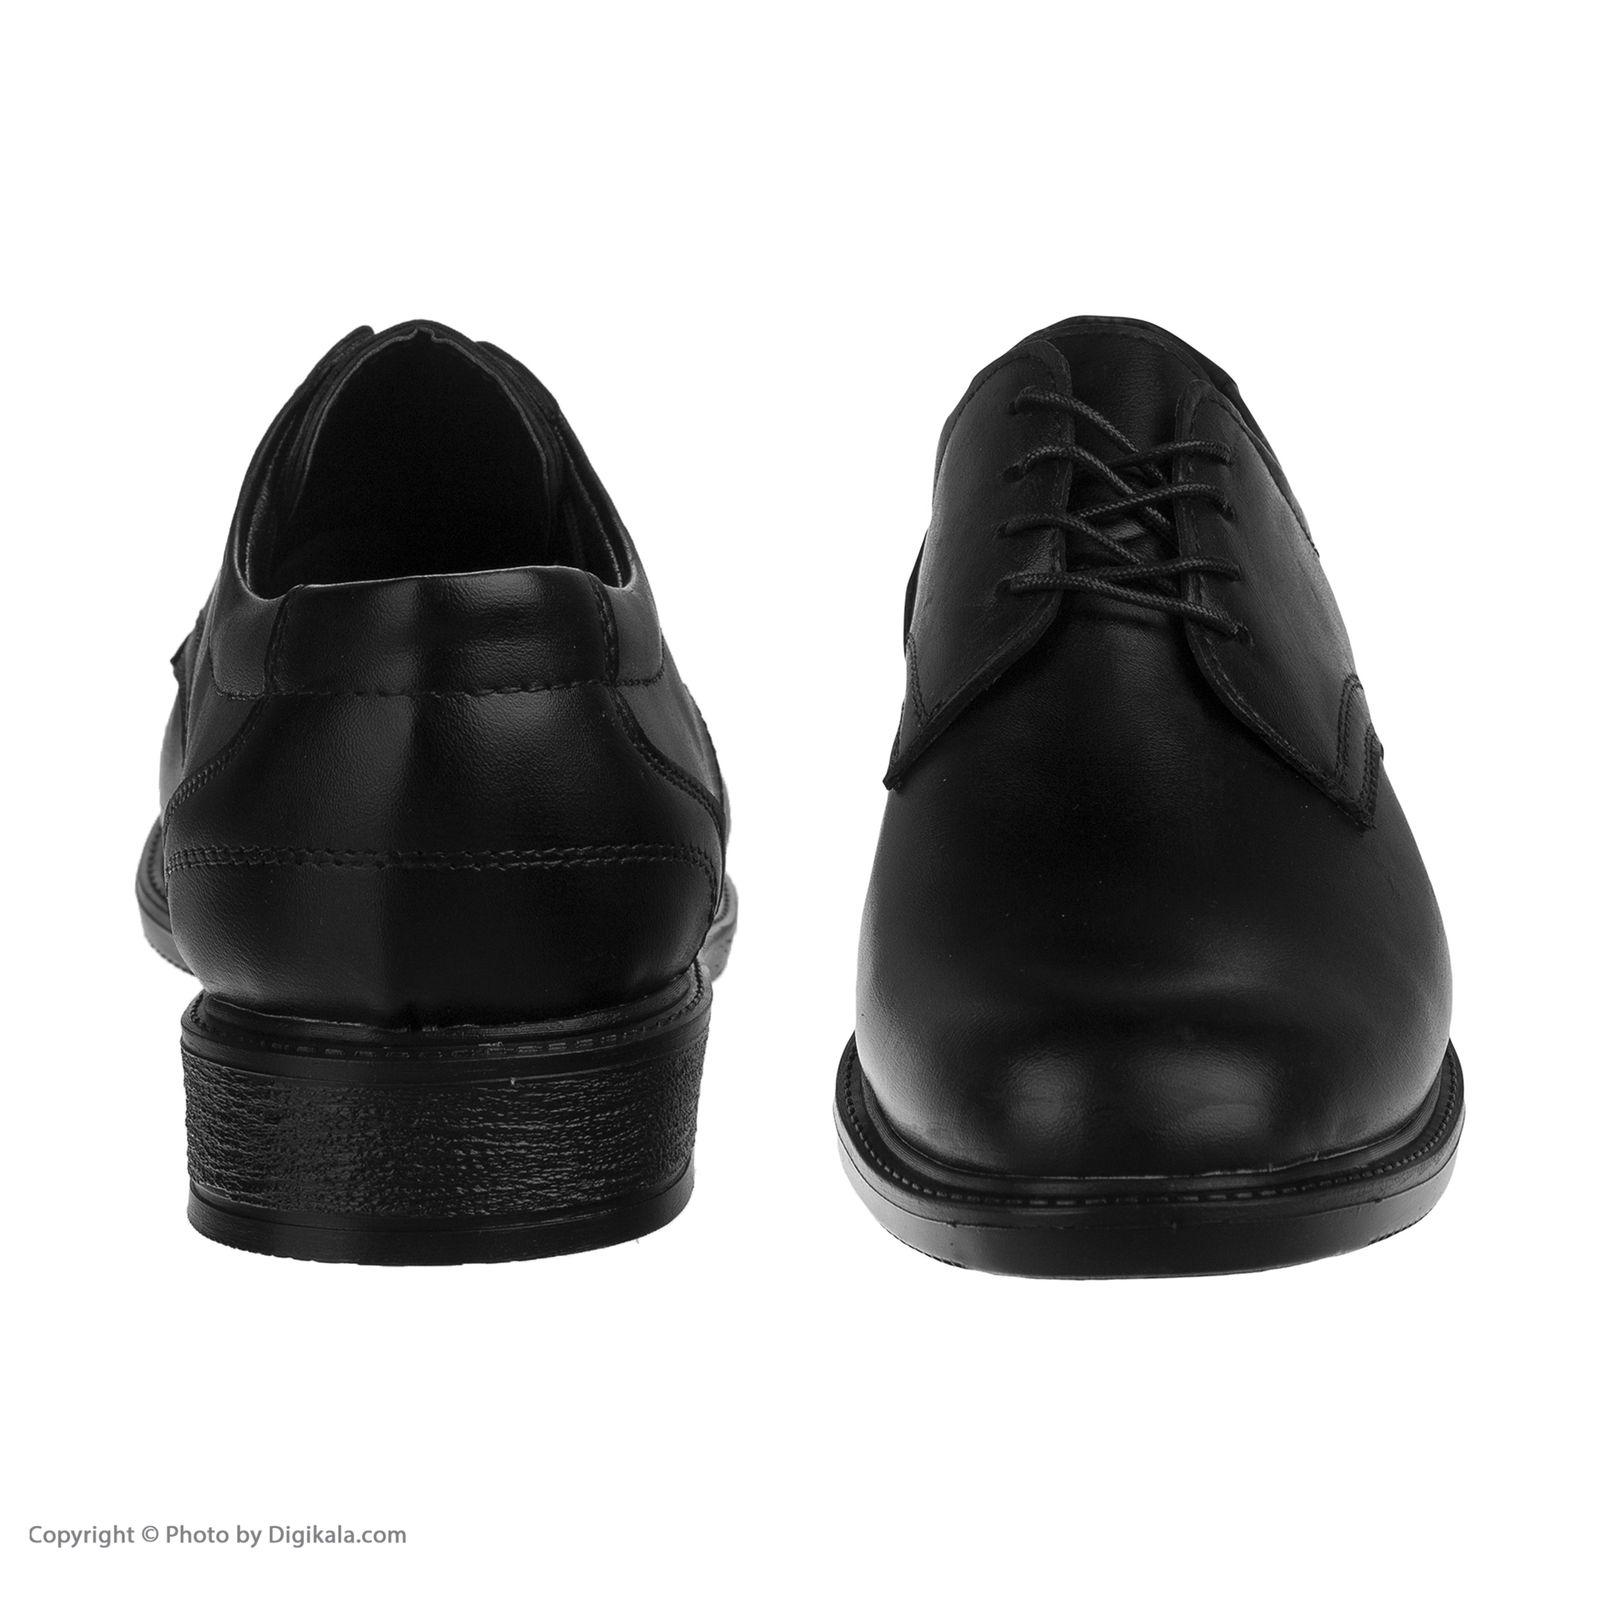 کفش مردانه مدل k.baz.102 -  - 5